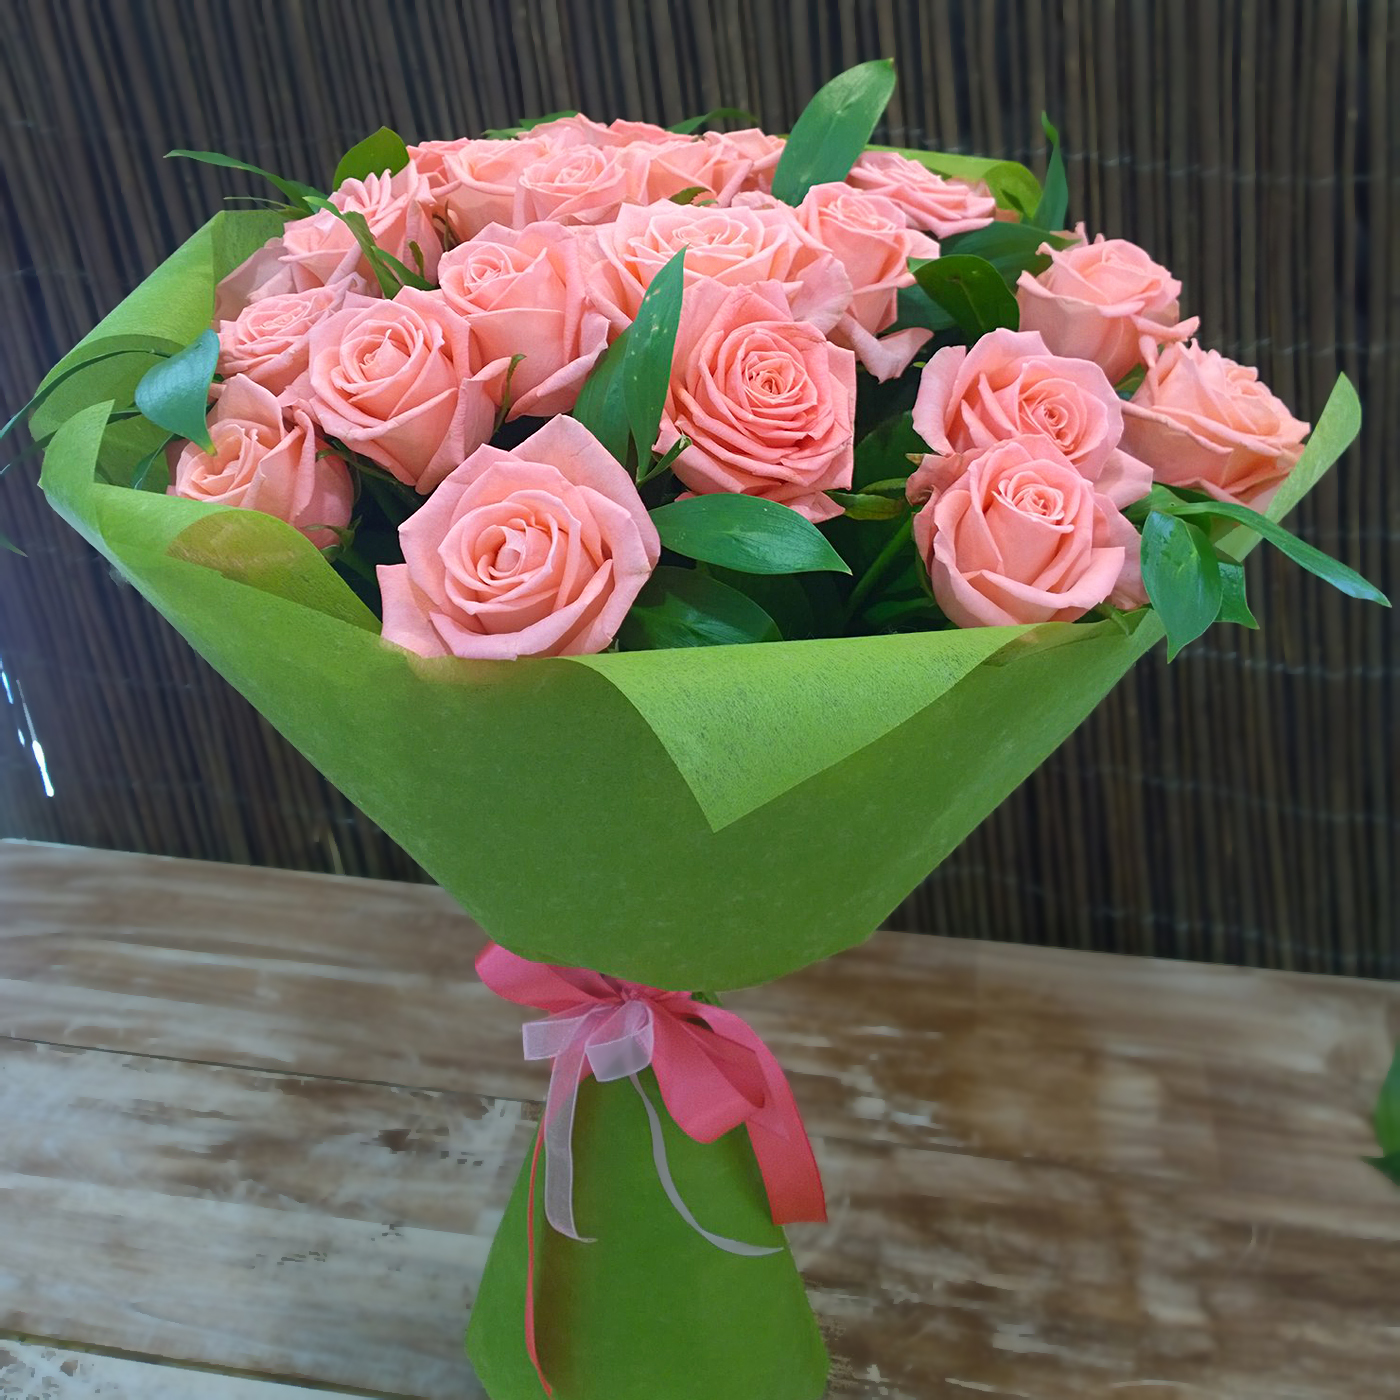 Нежный букет 25 розовых роз Анна Карина 60см с зеленью в фетре